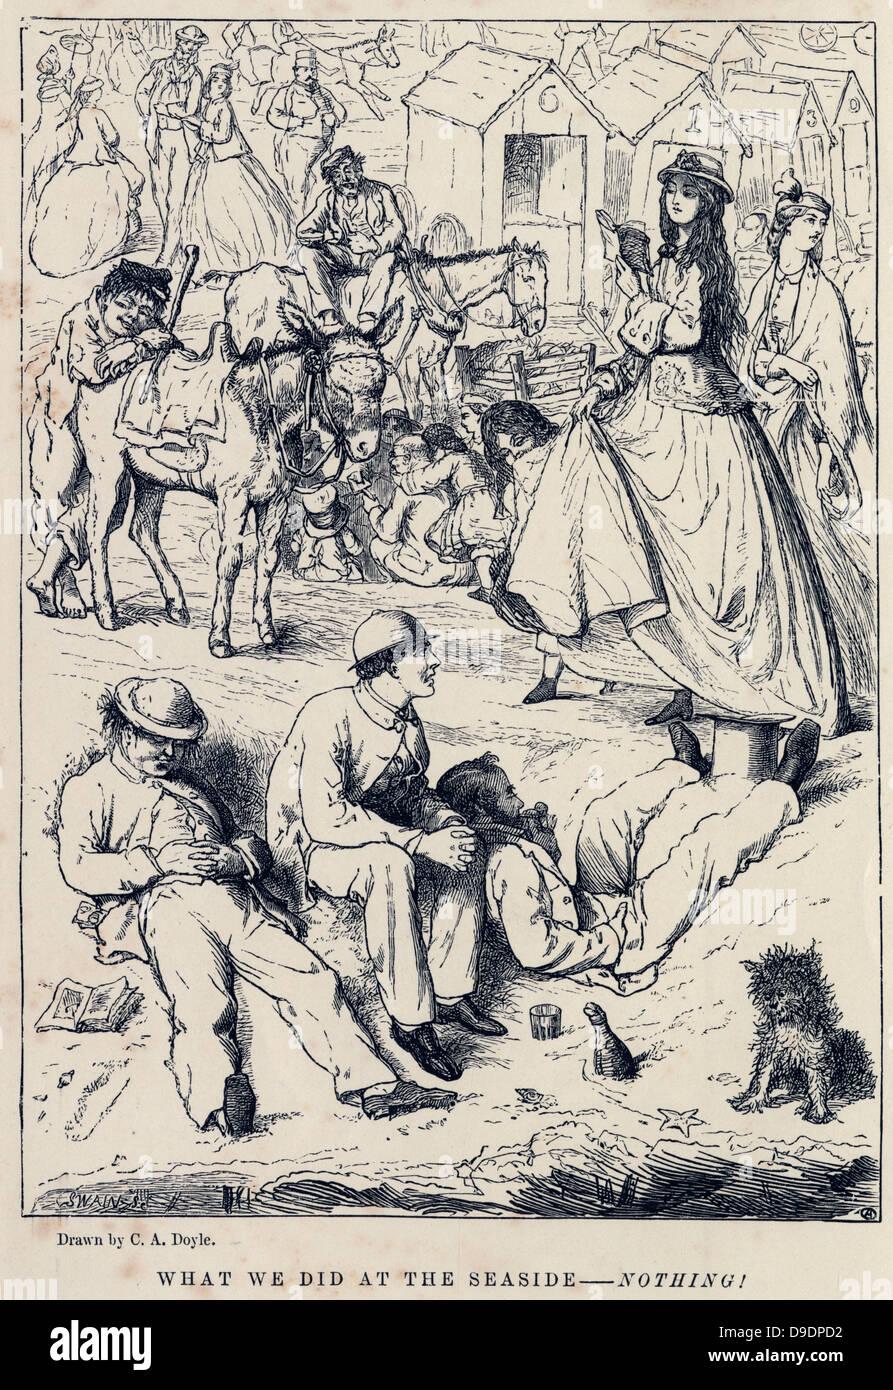 Ciò che abbiamo fatto al mare - niente. Cartoon di 1882 Immagini Stock